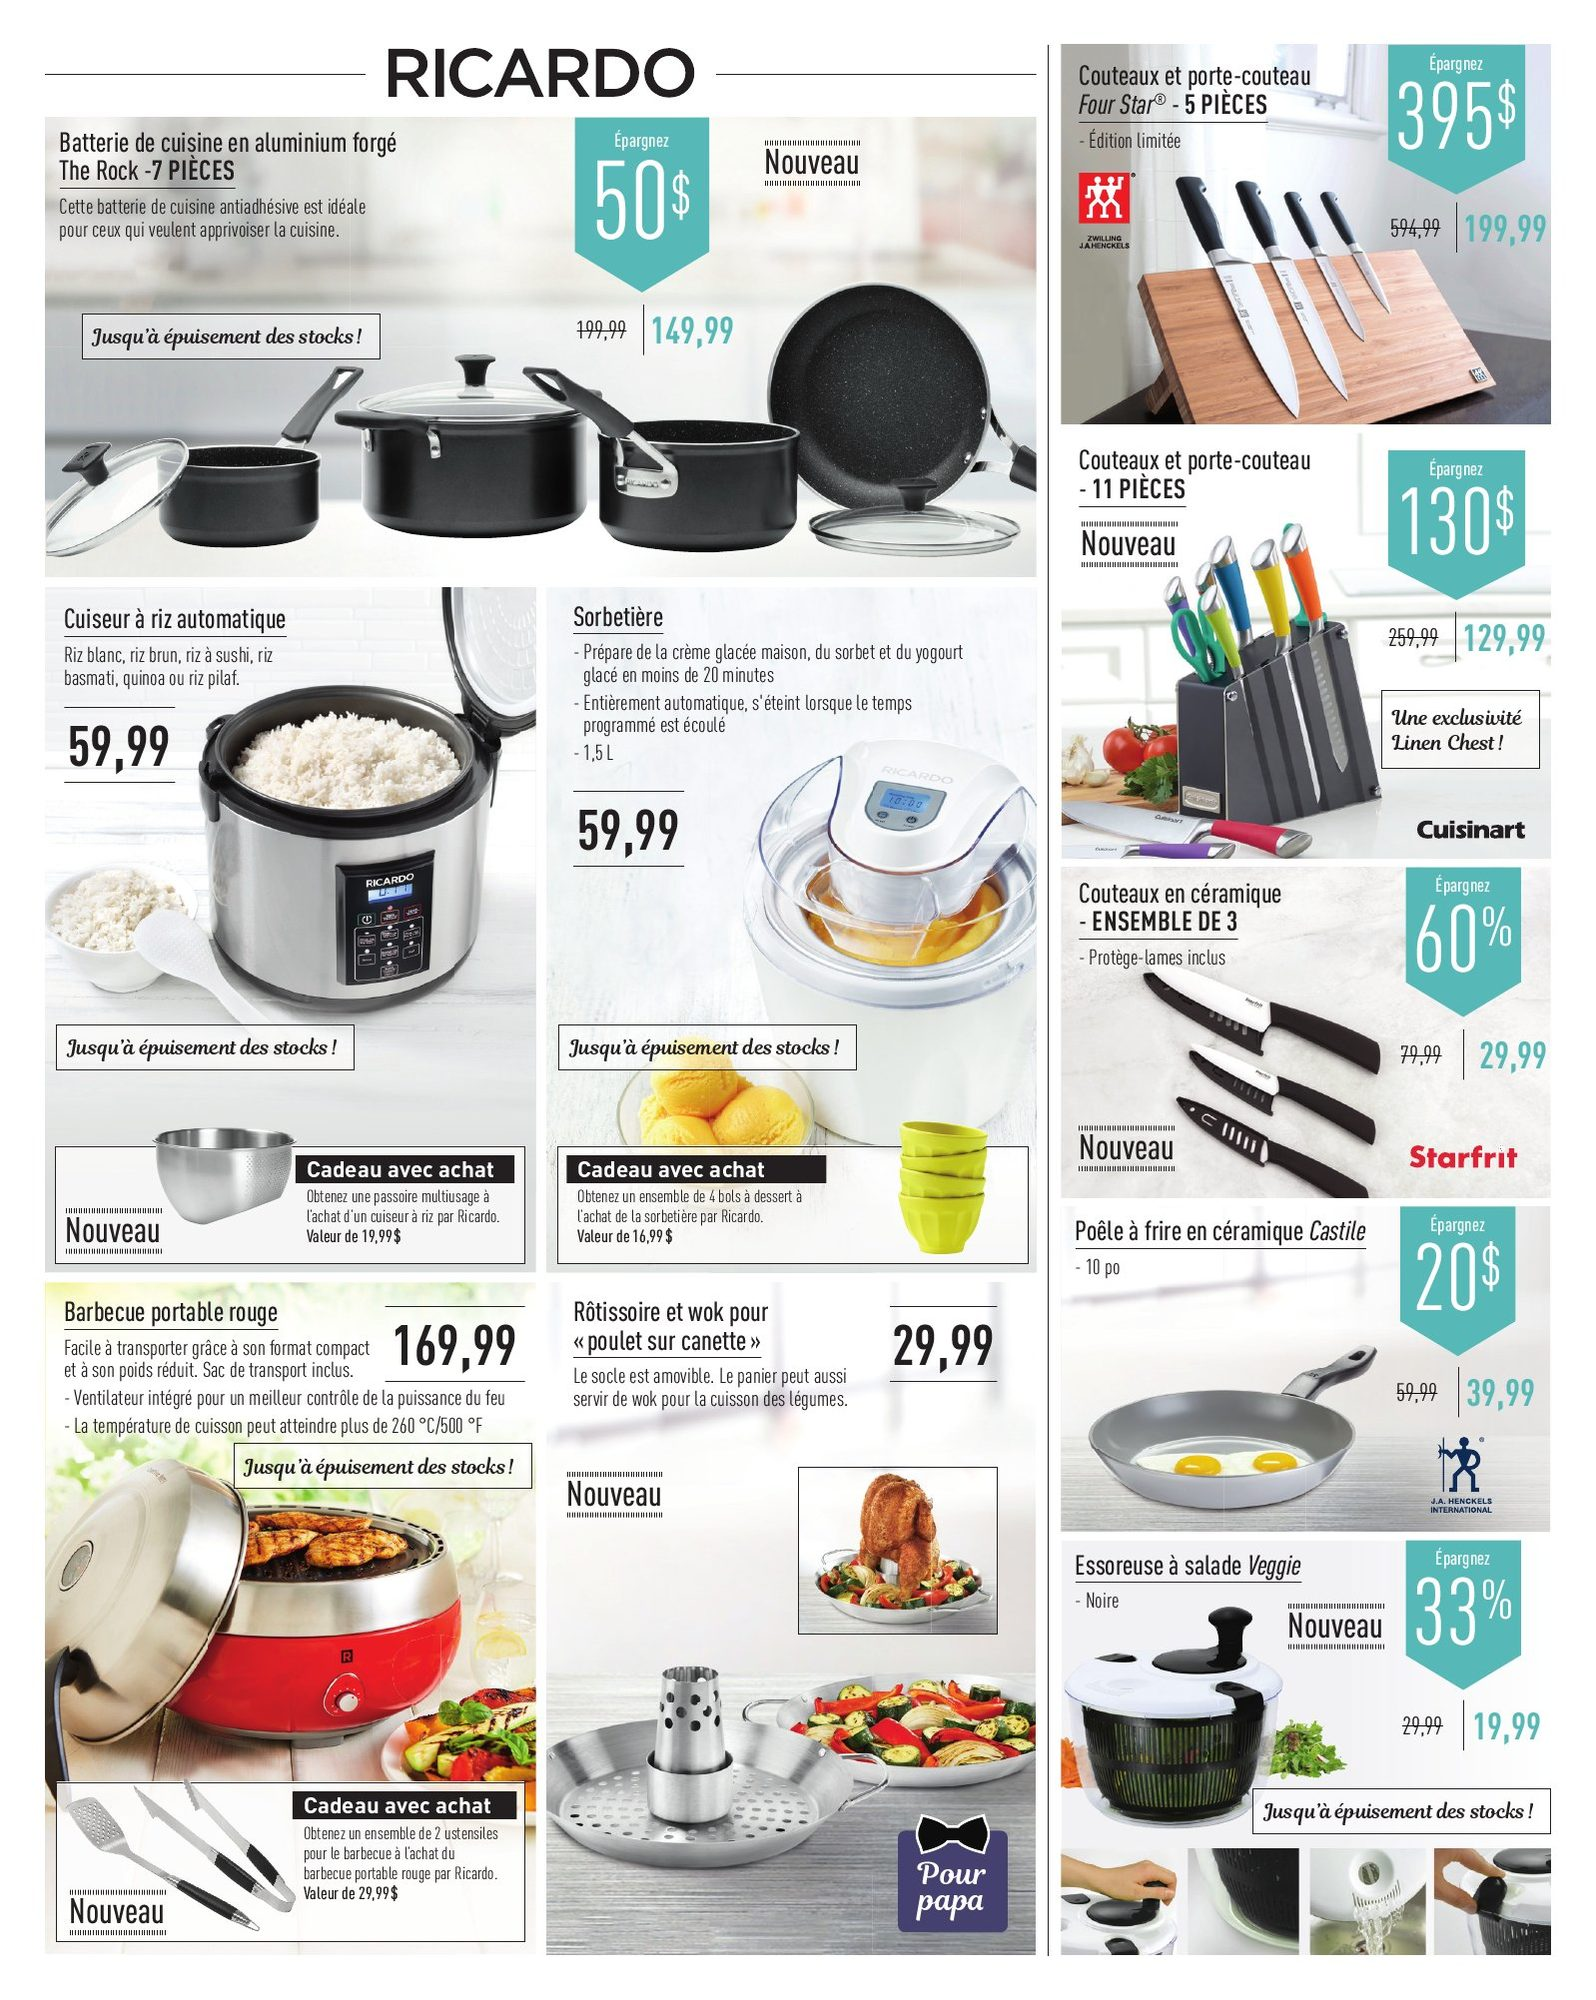 le solde de literie linen chest 30 mai 2018 pj shopwise. Black Bedroom Furniture Sets. Home Design Ideas